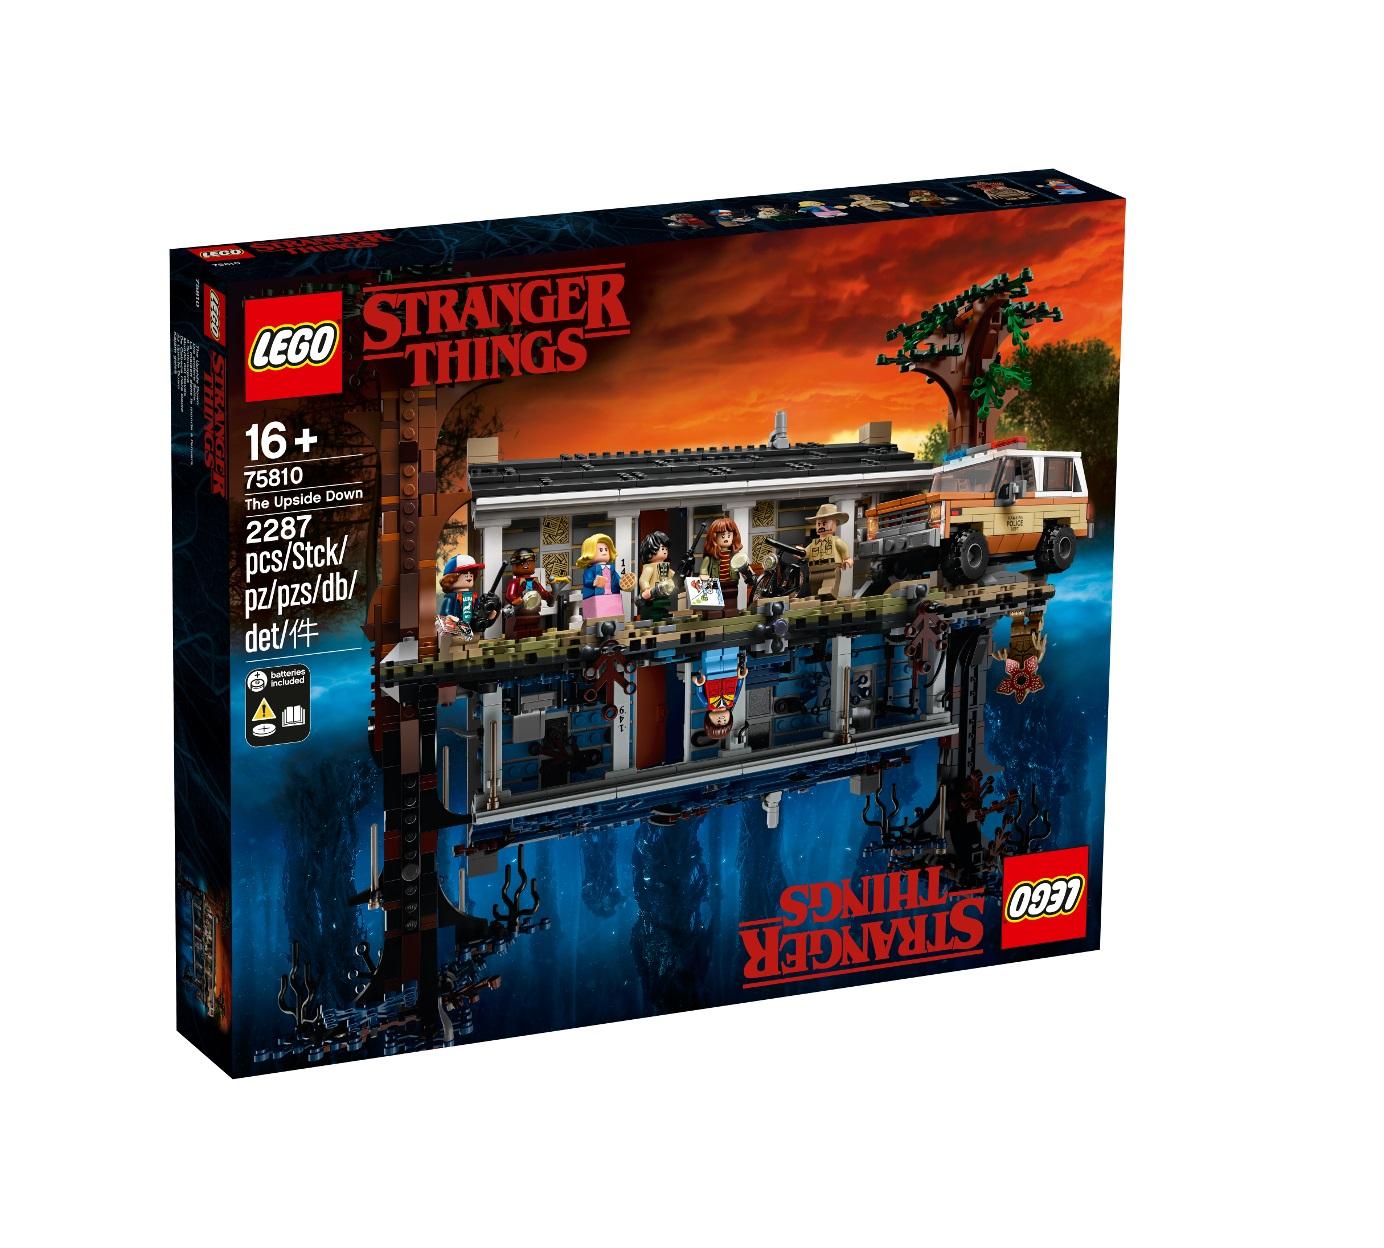 Stranger Things - LEGO